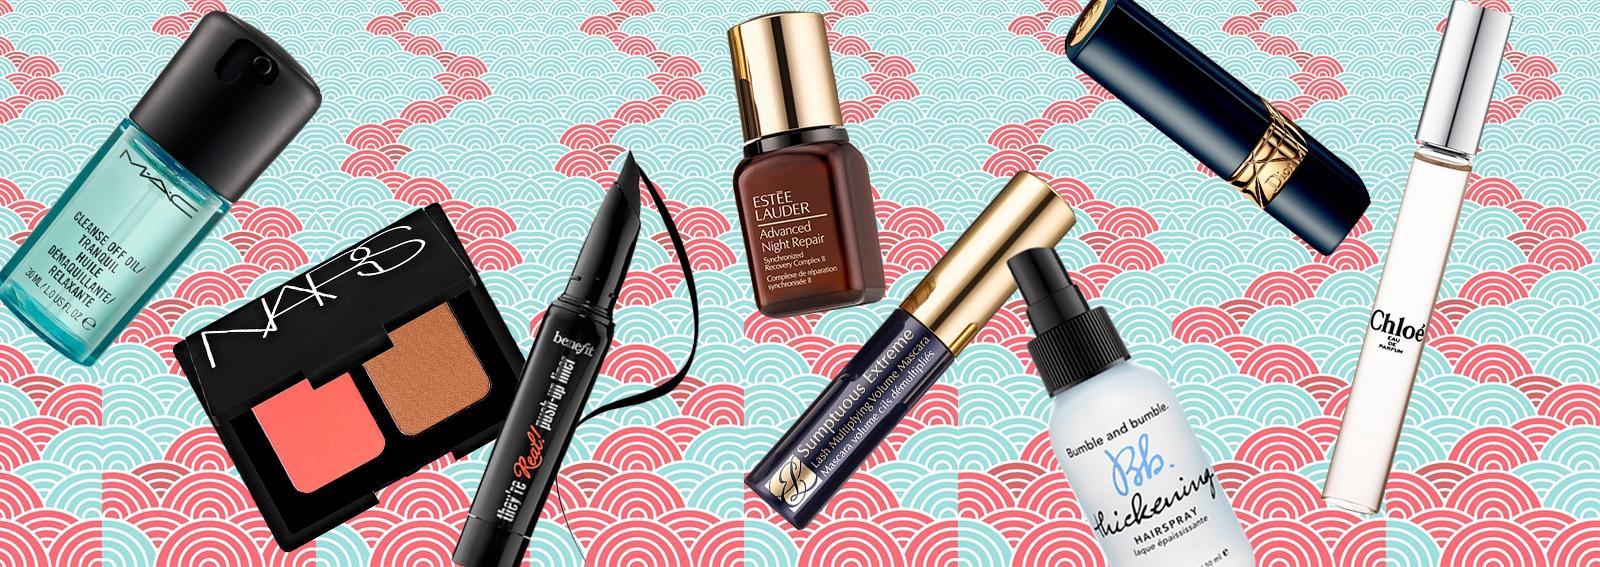 minitaglie da viaggio prodotti bellezza bagno trucco capelli profumi collage_desktop (1)